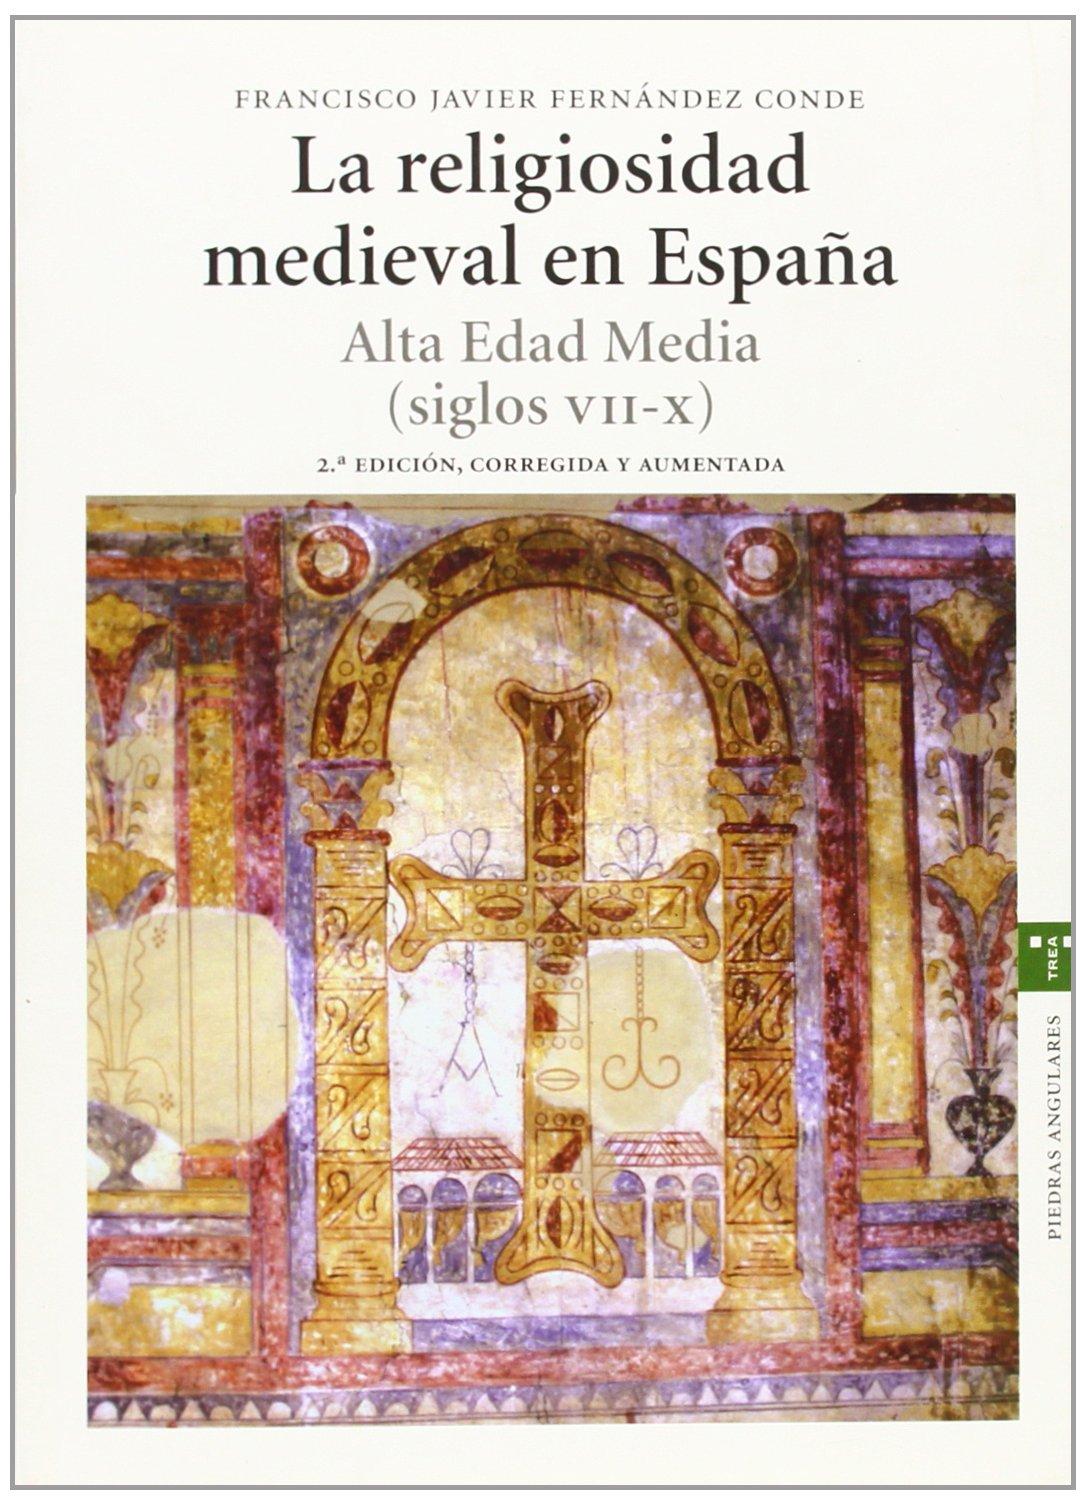 La religiosidad medieval en España. Alta Edad Media siglos VII-X: Amazon.es: Fernández Conde, Francisco Javier: Libros